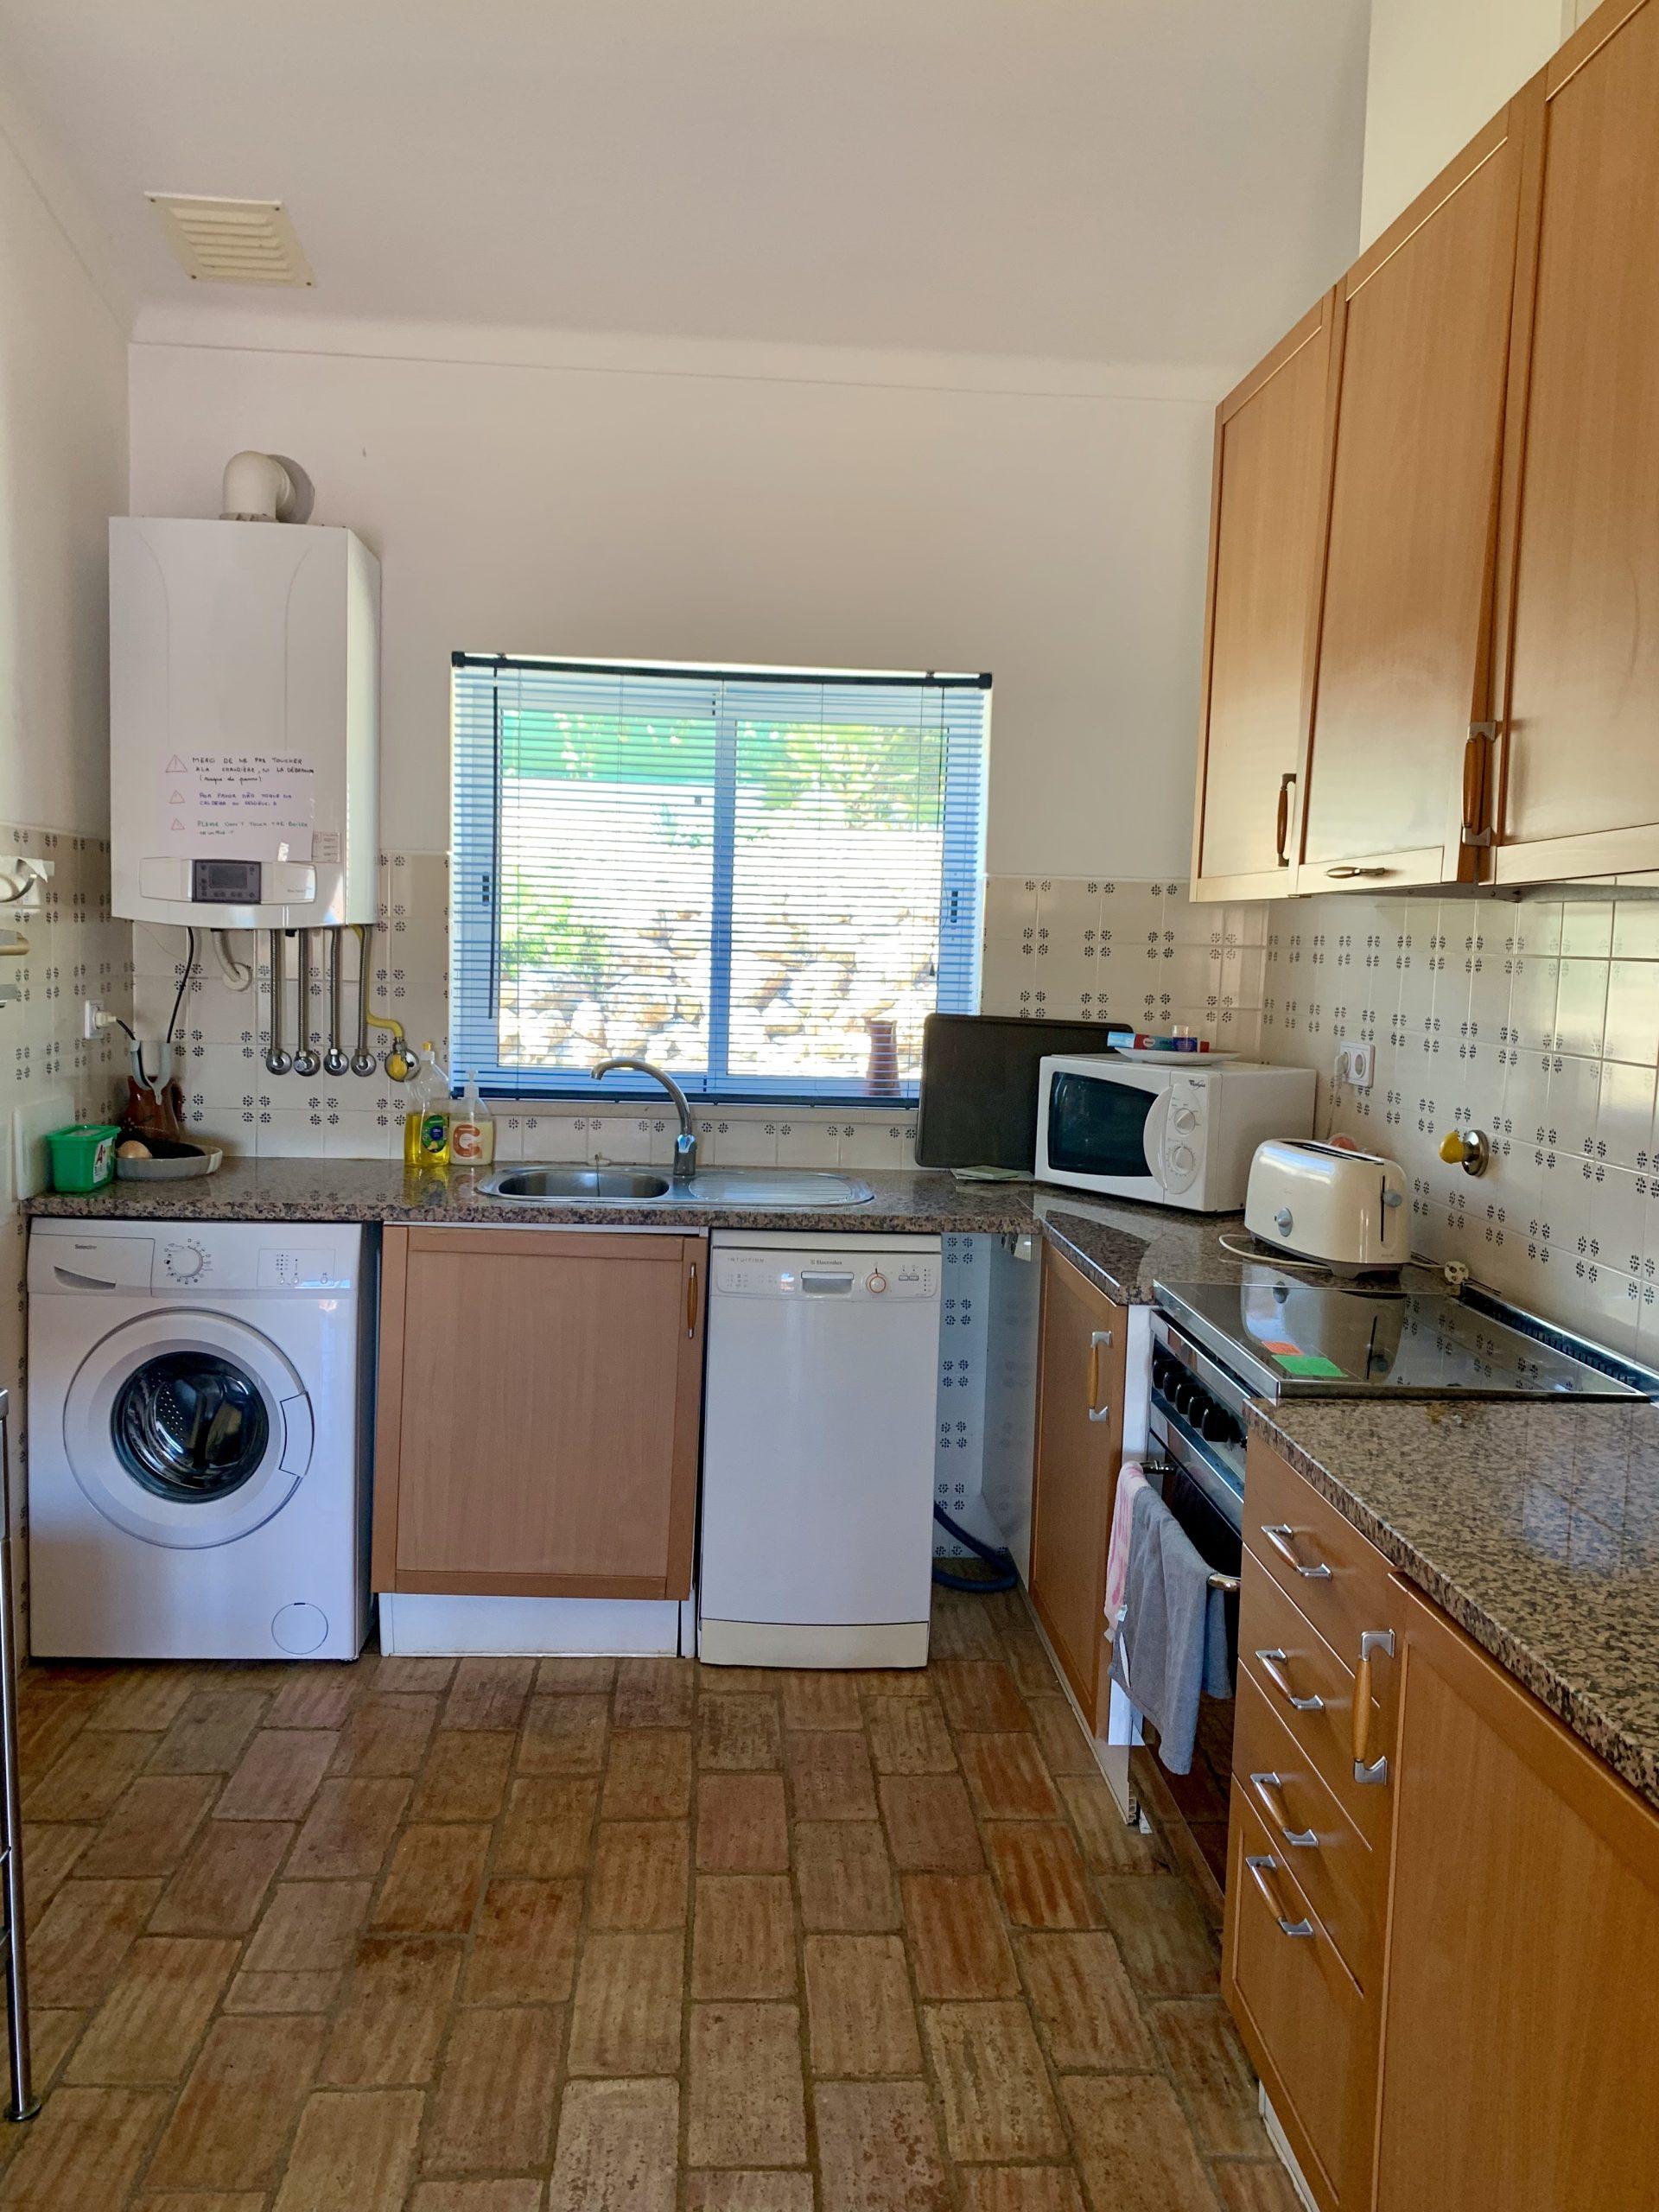 Location appartements et villas de vacance, Maison de vacances praia da Luz face à la mer à Lagos, Portugal Algarve, REF_IMG_2627_17921